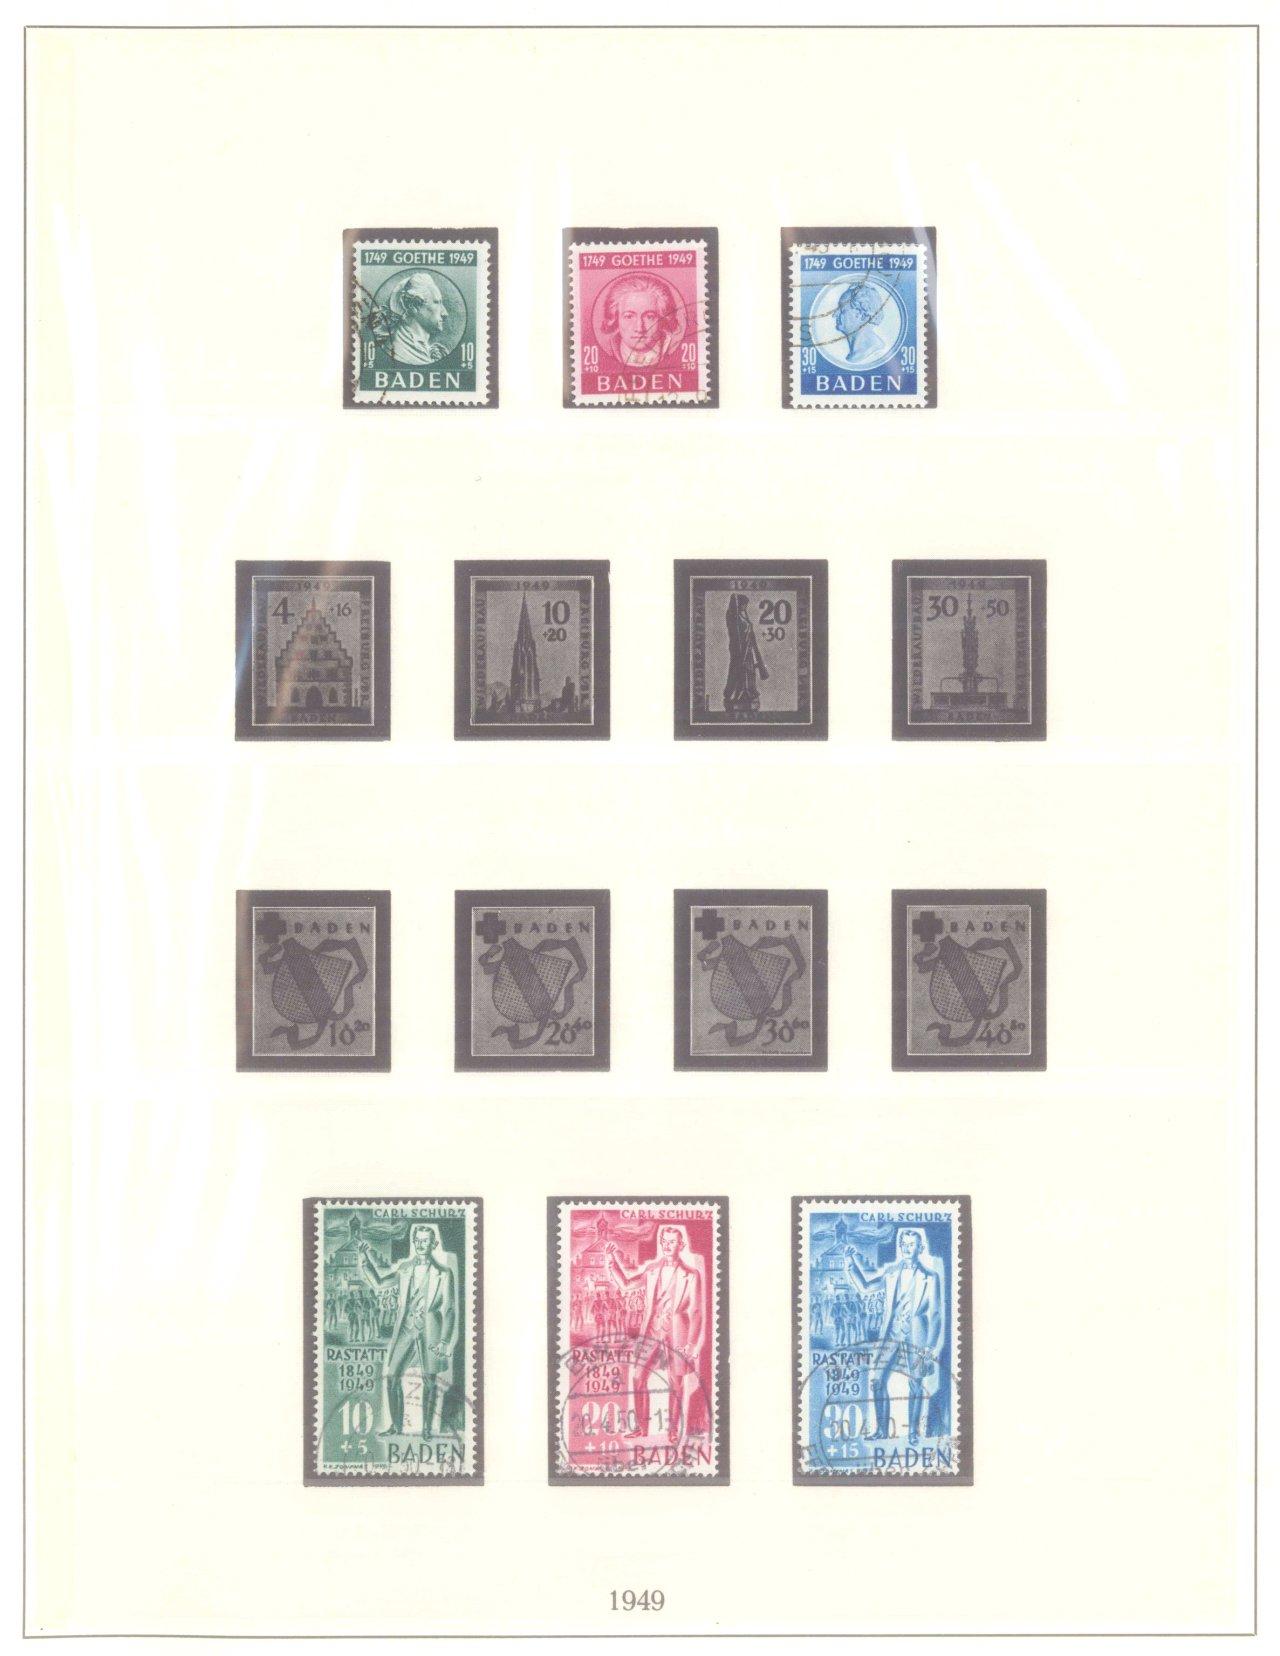 FRANZÖSISCHE ZONE BADEN 1949, 4 komplette Ausgaben